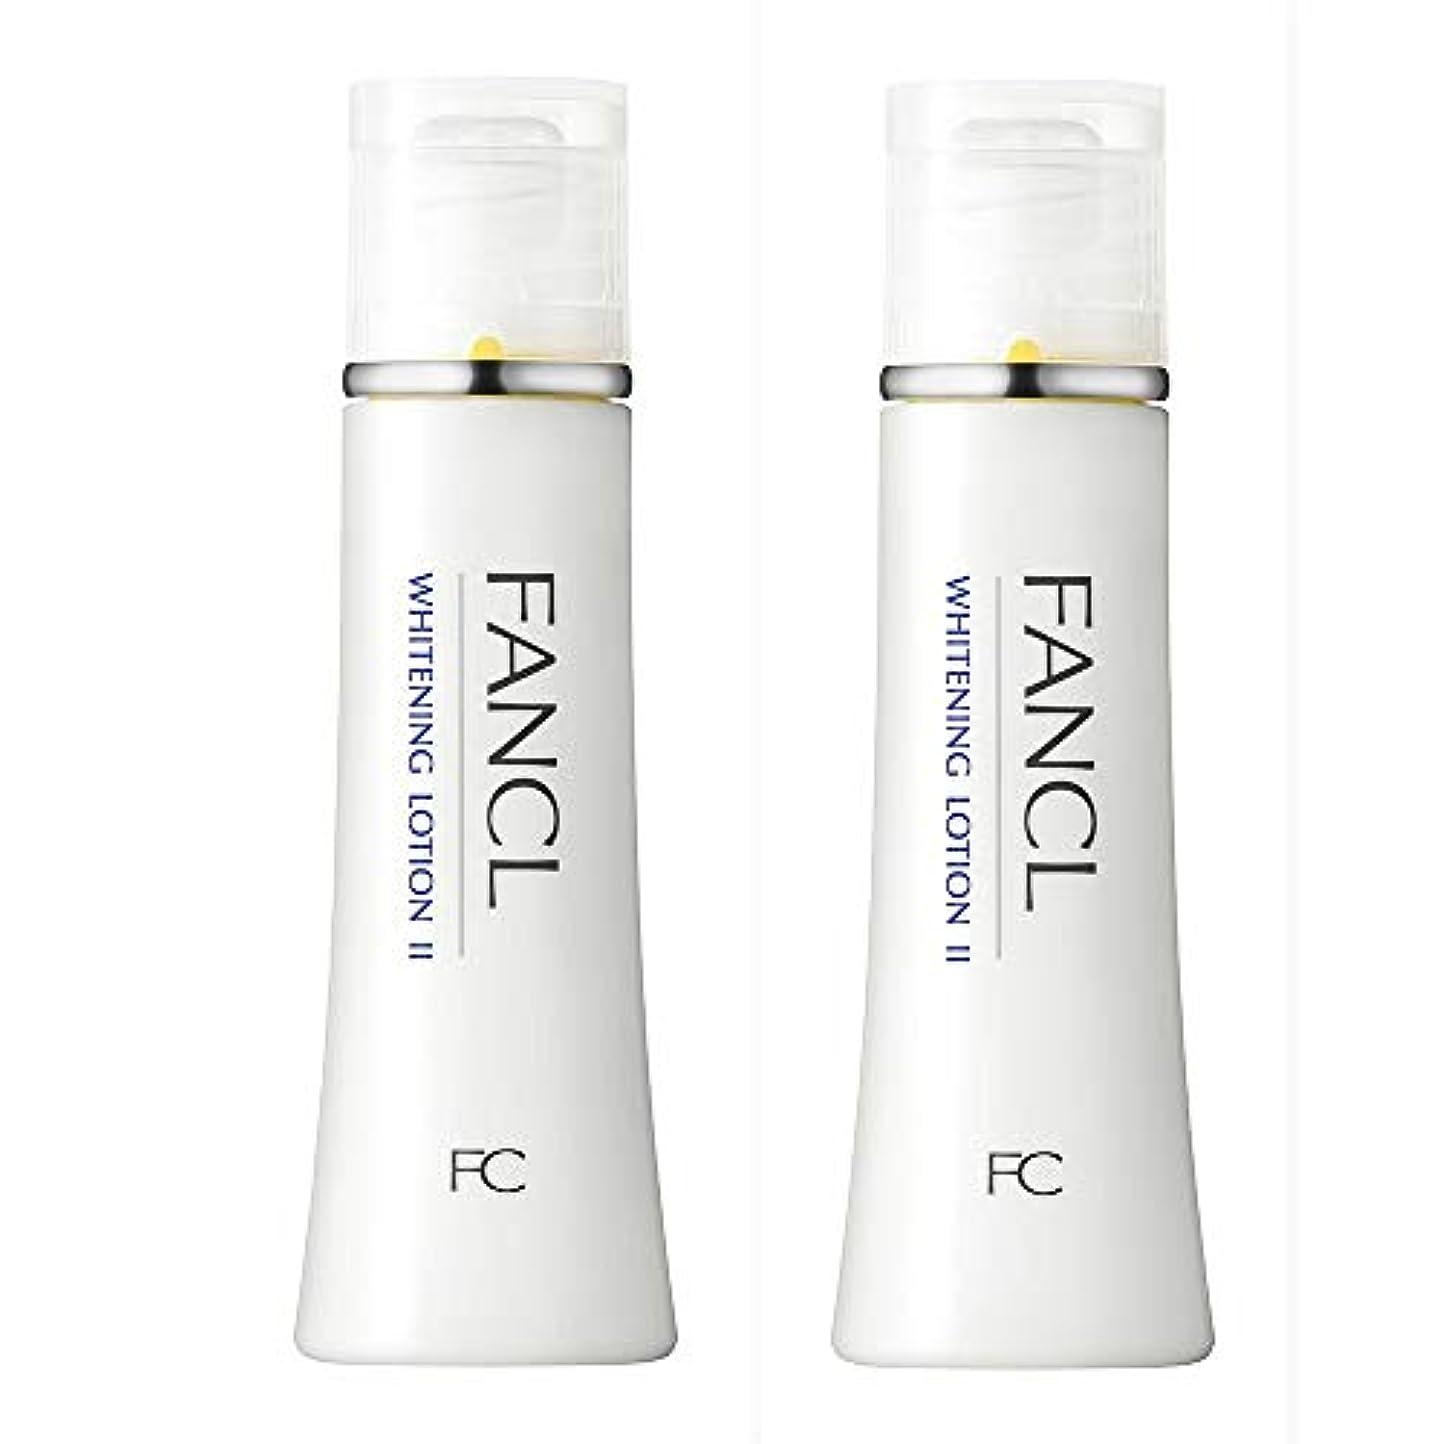 広告手綱車両ファンケル(FANCL) 新ホワイトニング 化粧液 II しっとり 2本セット<医薬部外品>